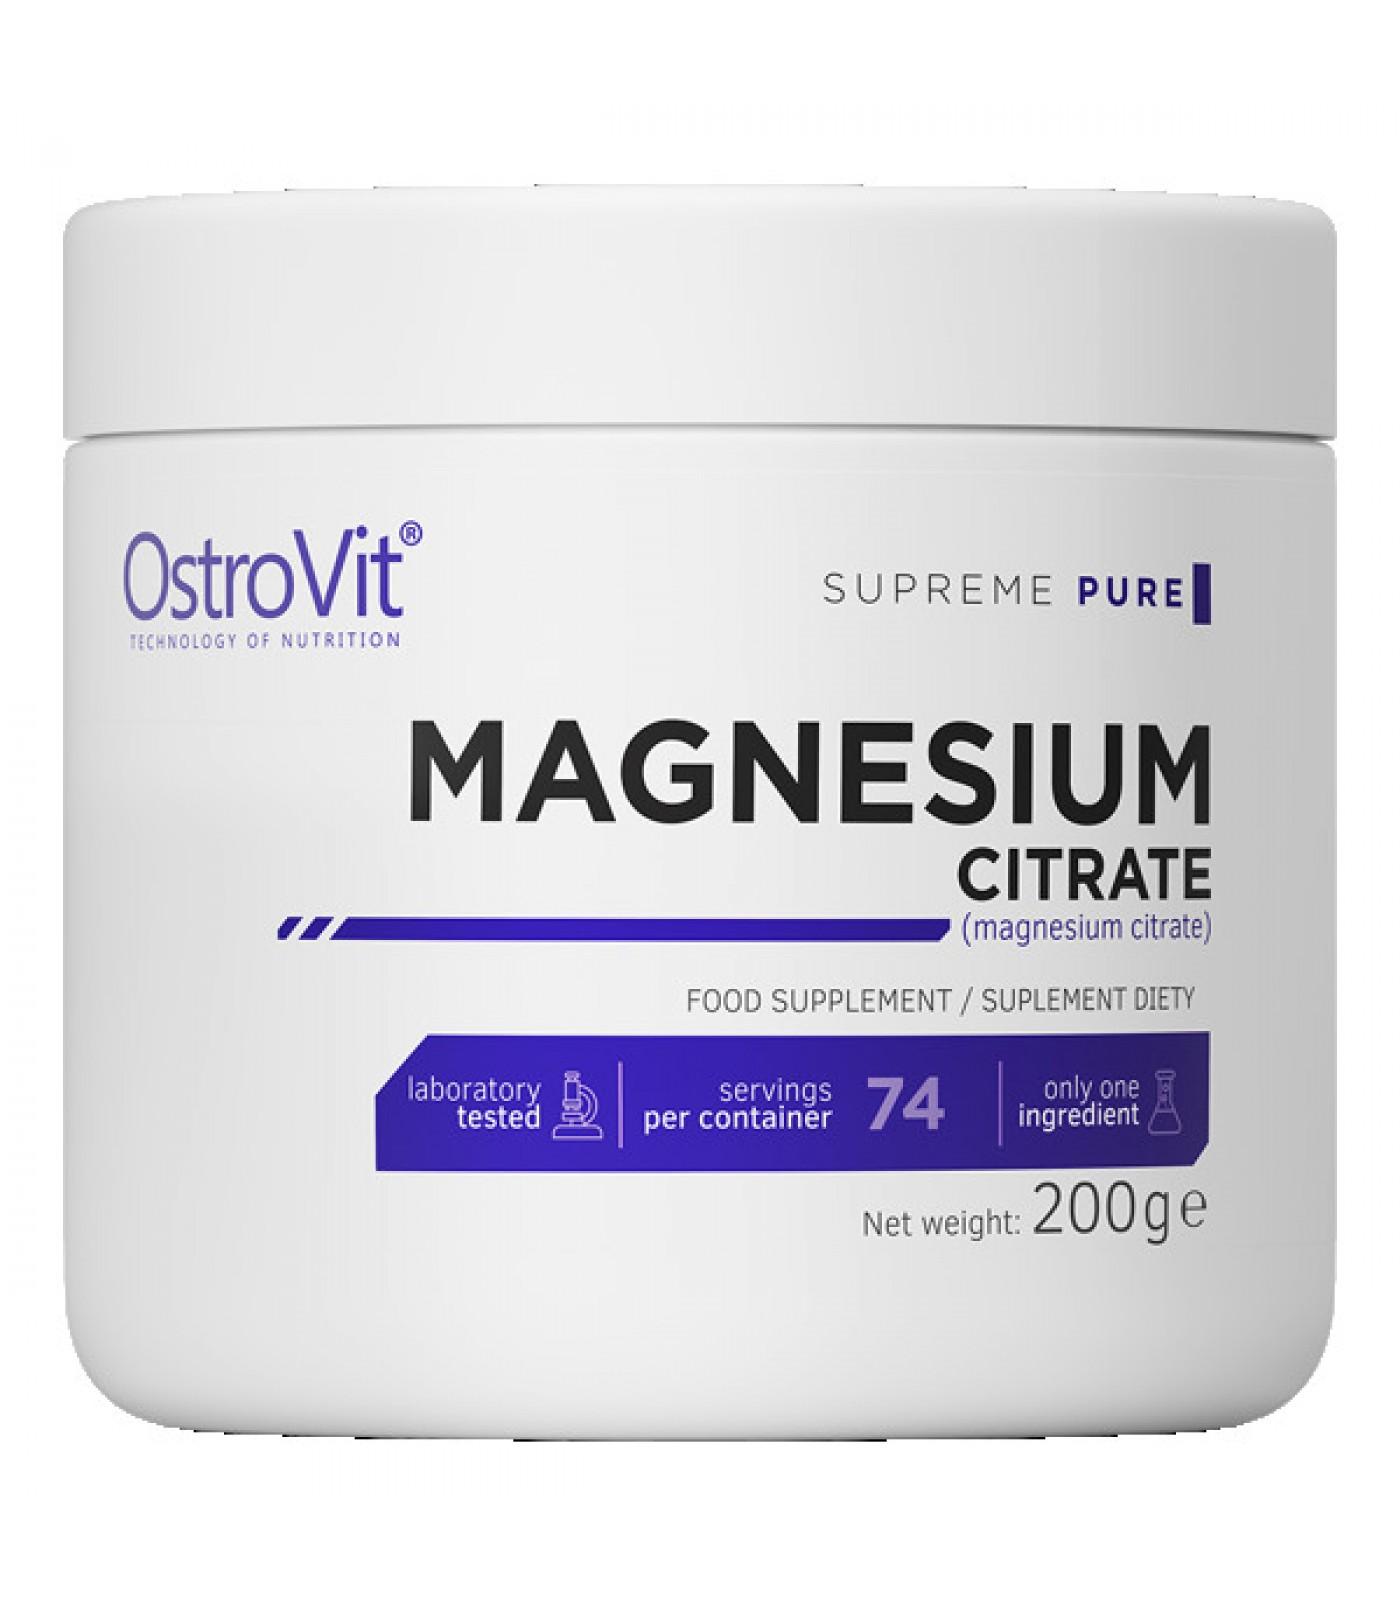 OstroVit - Magnesium Citrate Powder / 200g.